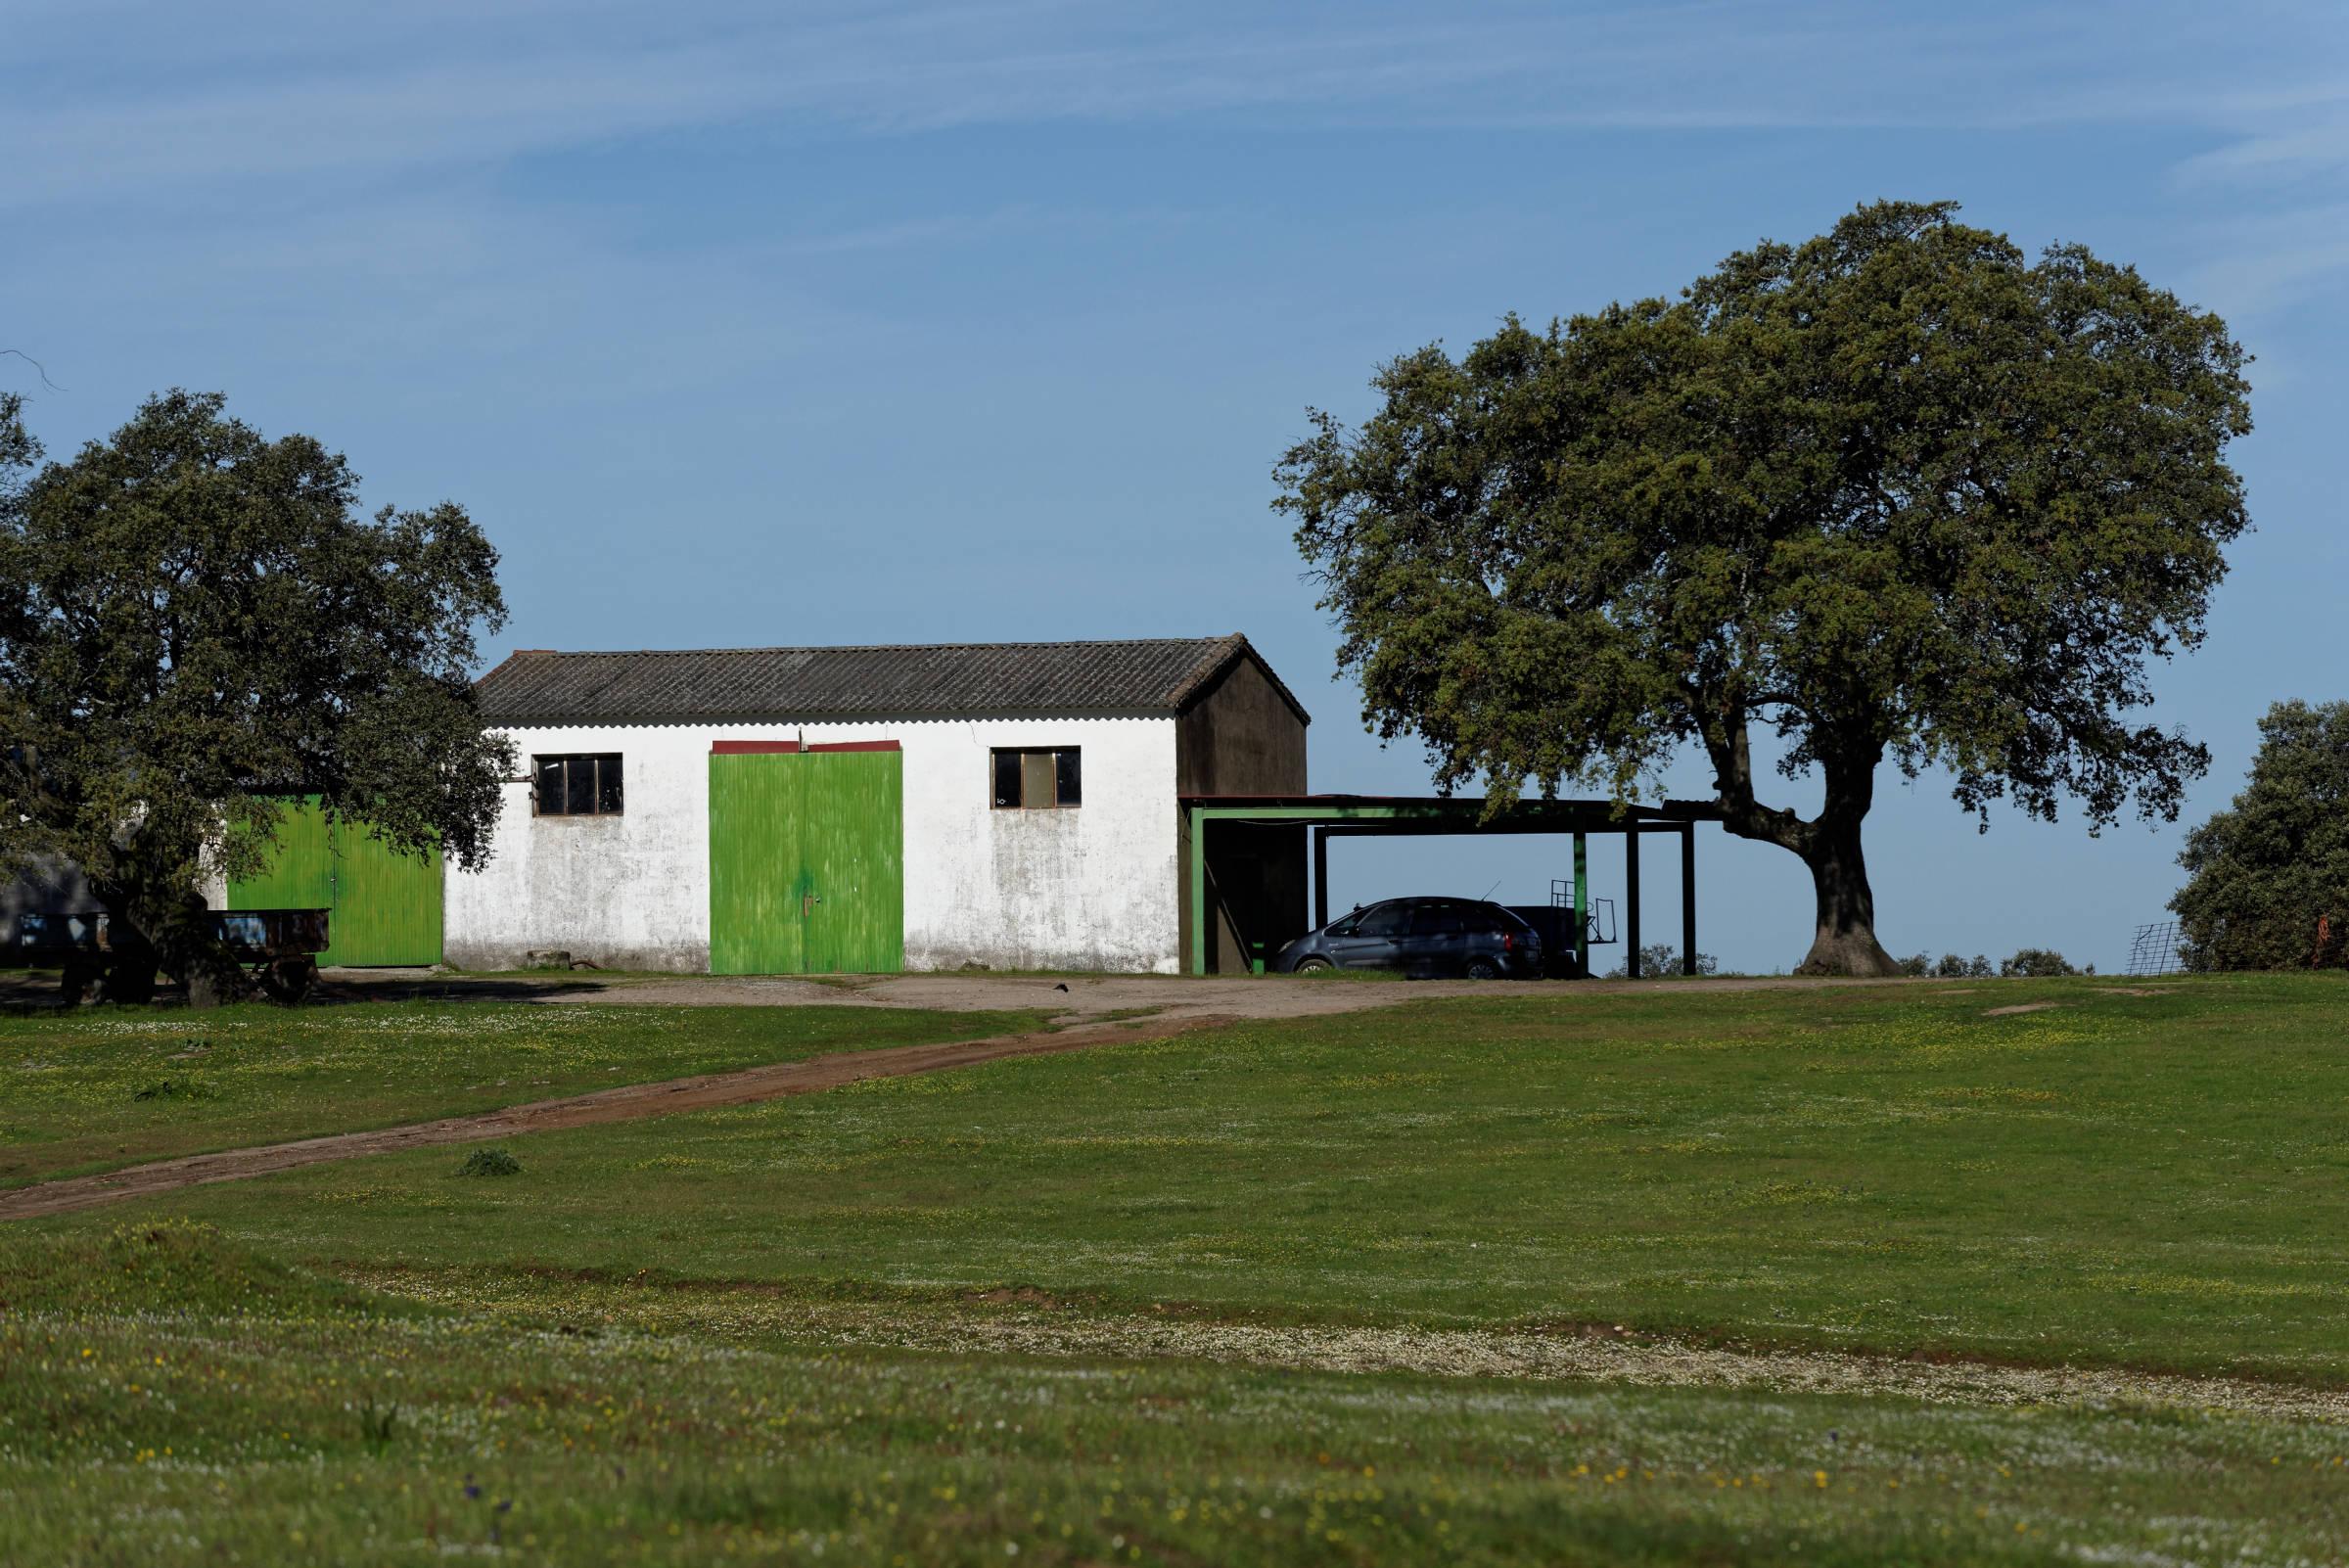 160405-parc national de monfrague (Estremadure) (115)